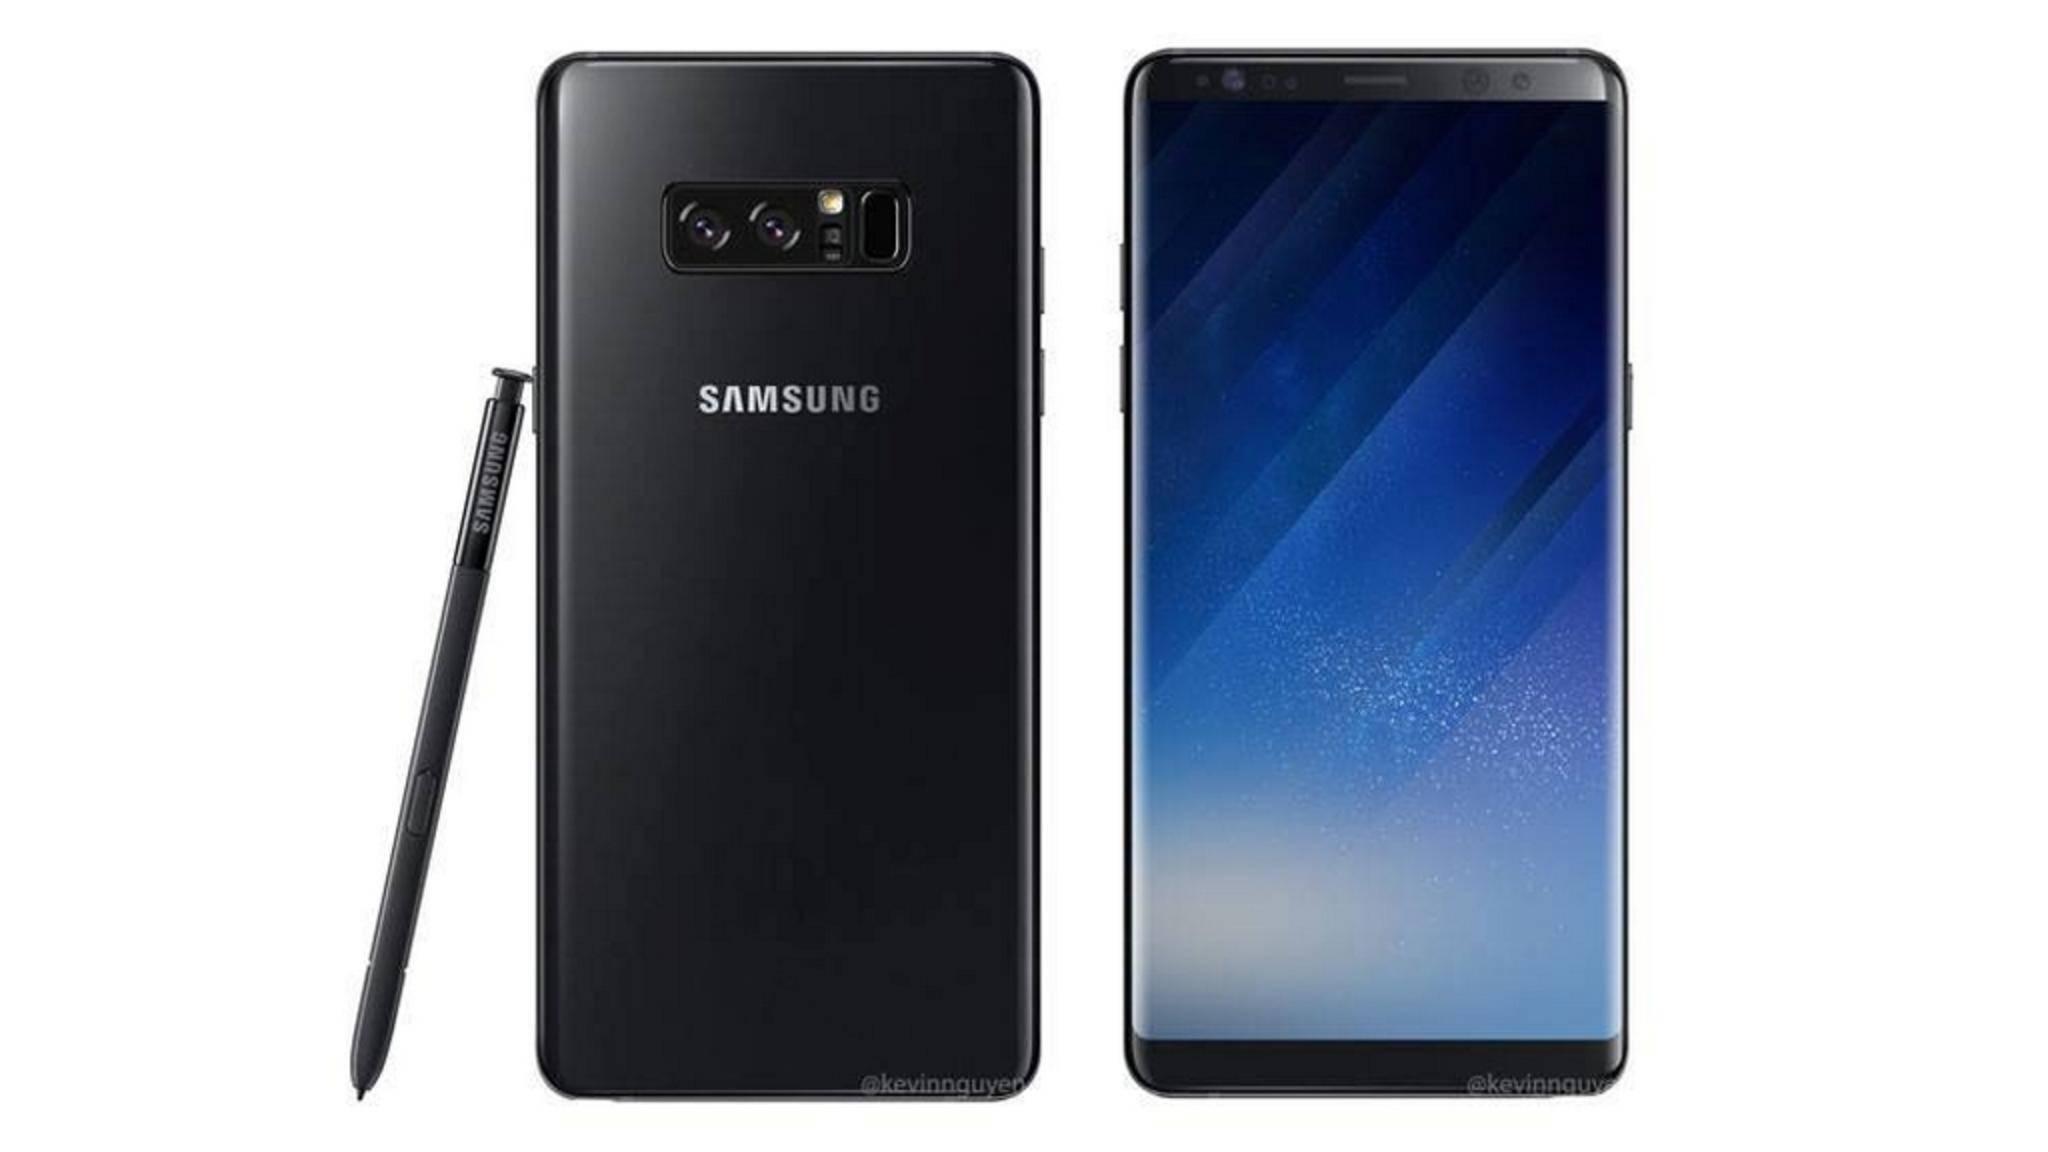 Das bislang beste Bild zum Samsung Galaxy Note 8.